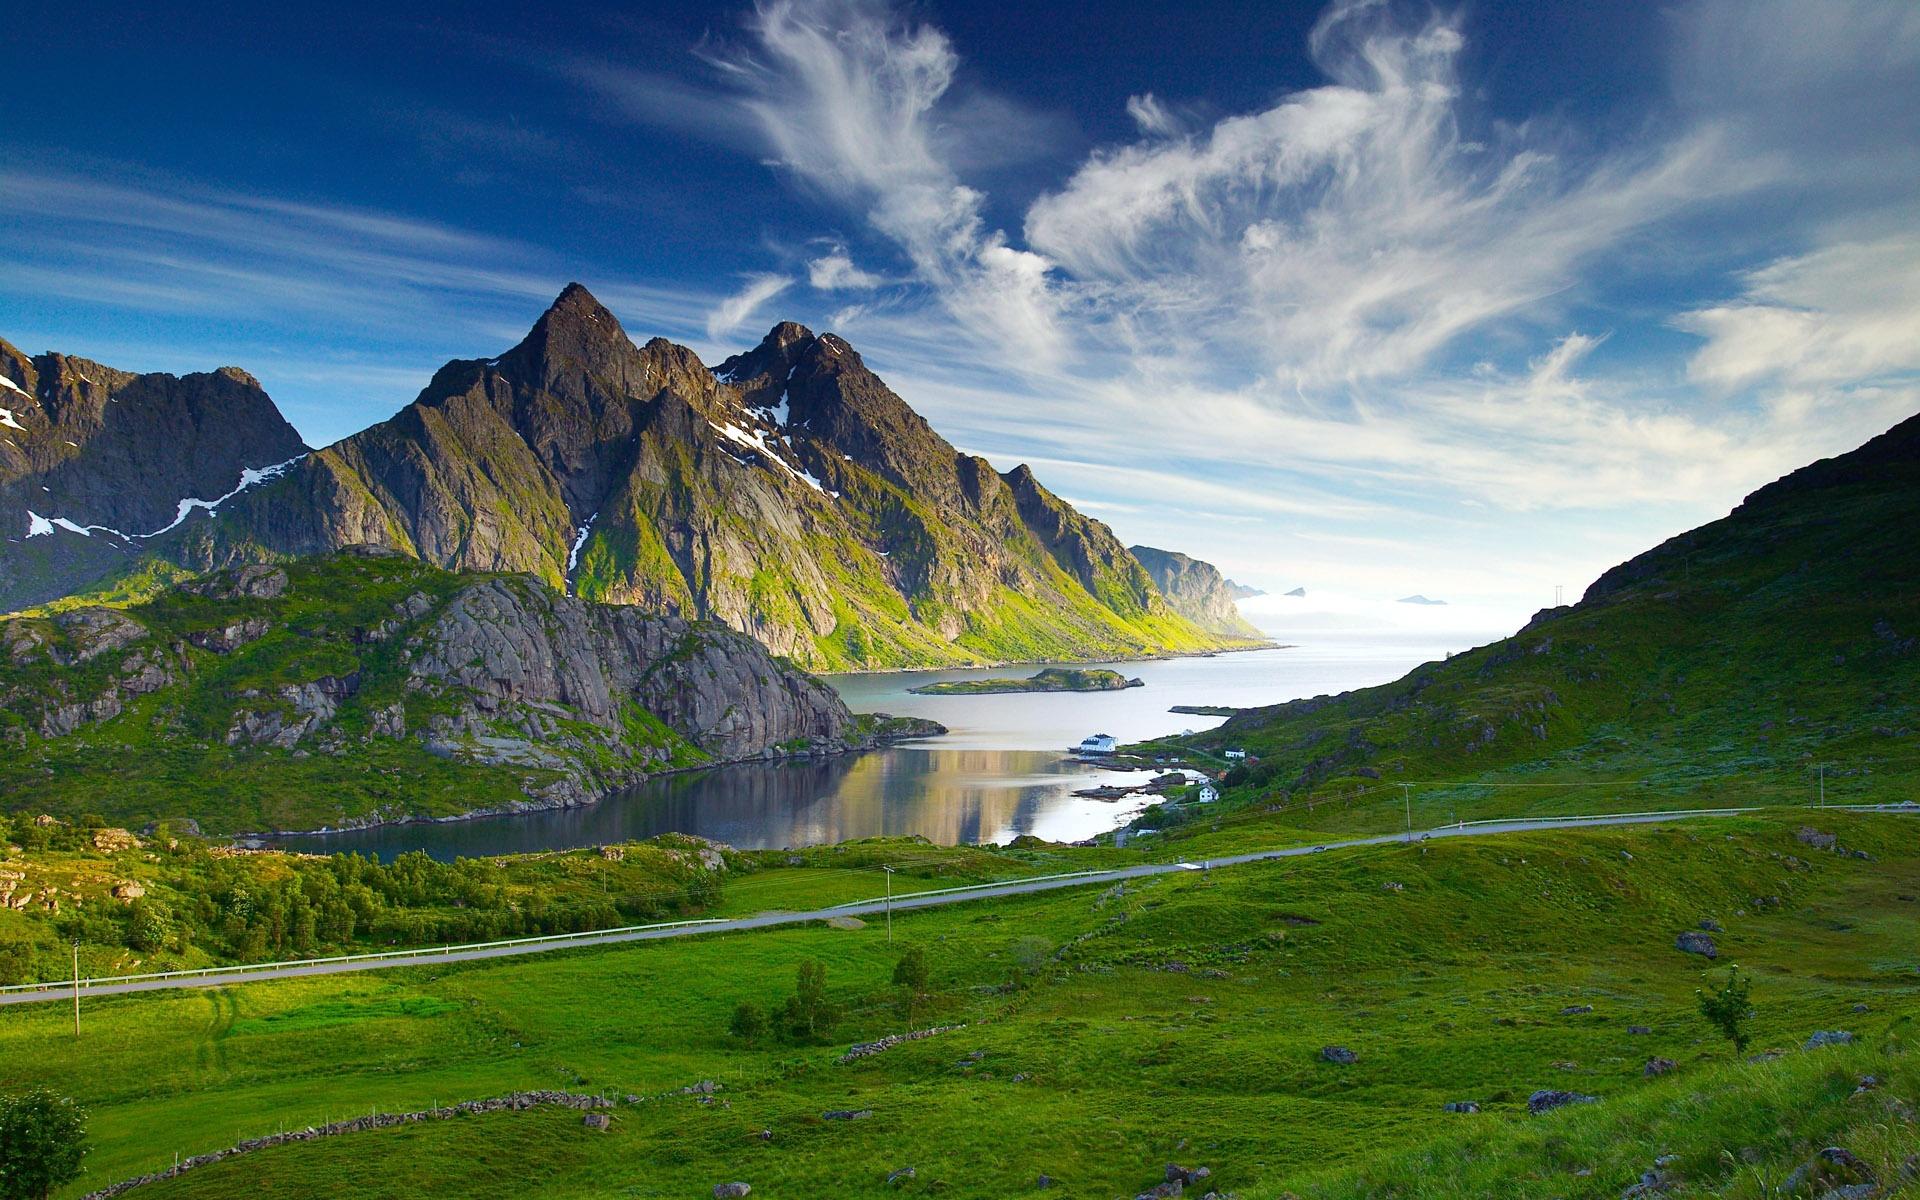 Fondos de pantalla de paisajes naturales30